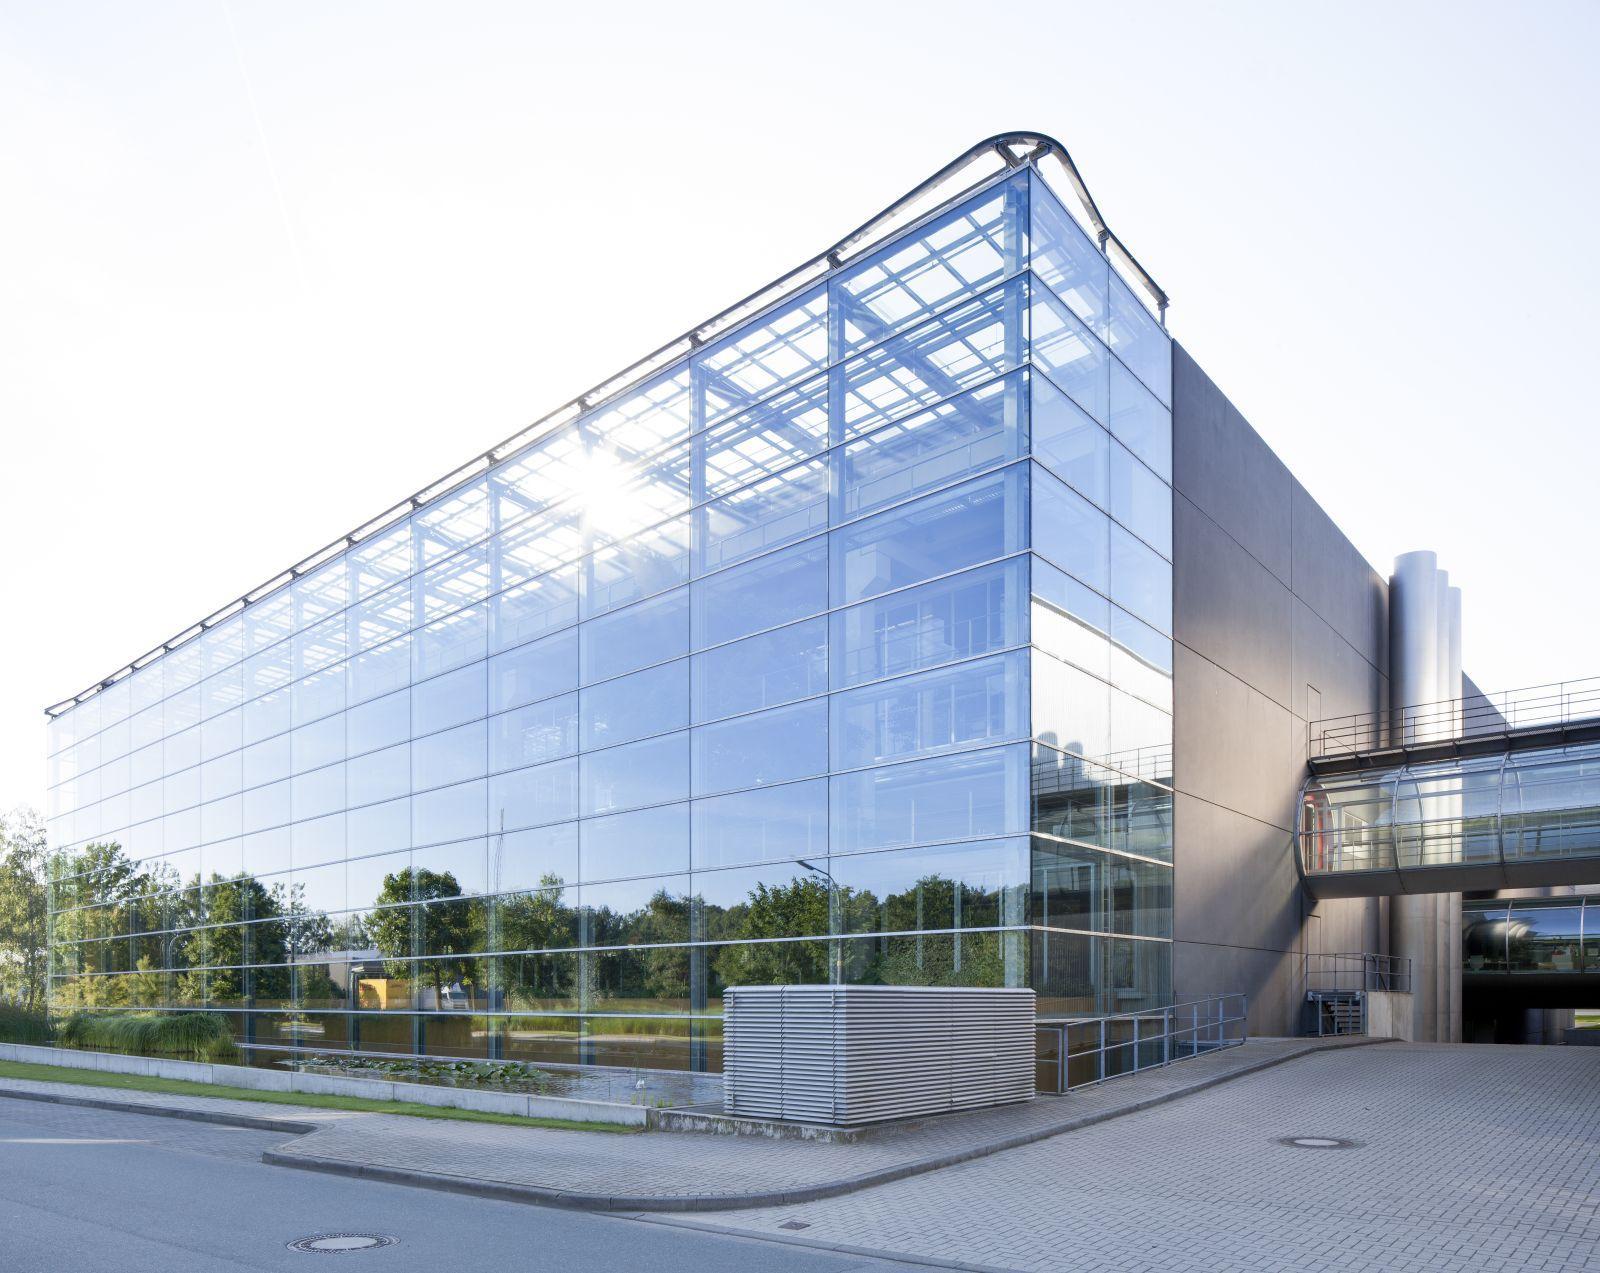 Ernsting s family erweiterung vertriebscenter coesfeld coesfeld ingenieurbau baukunst nrw - Ernsting architekt ...